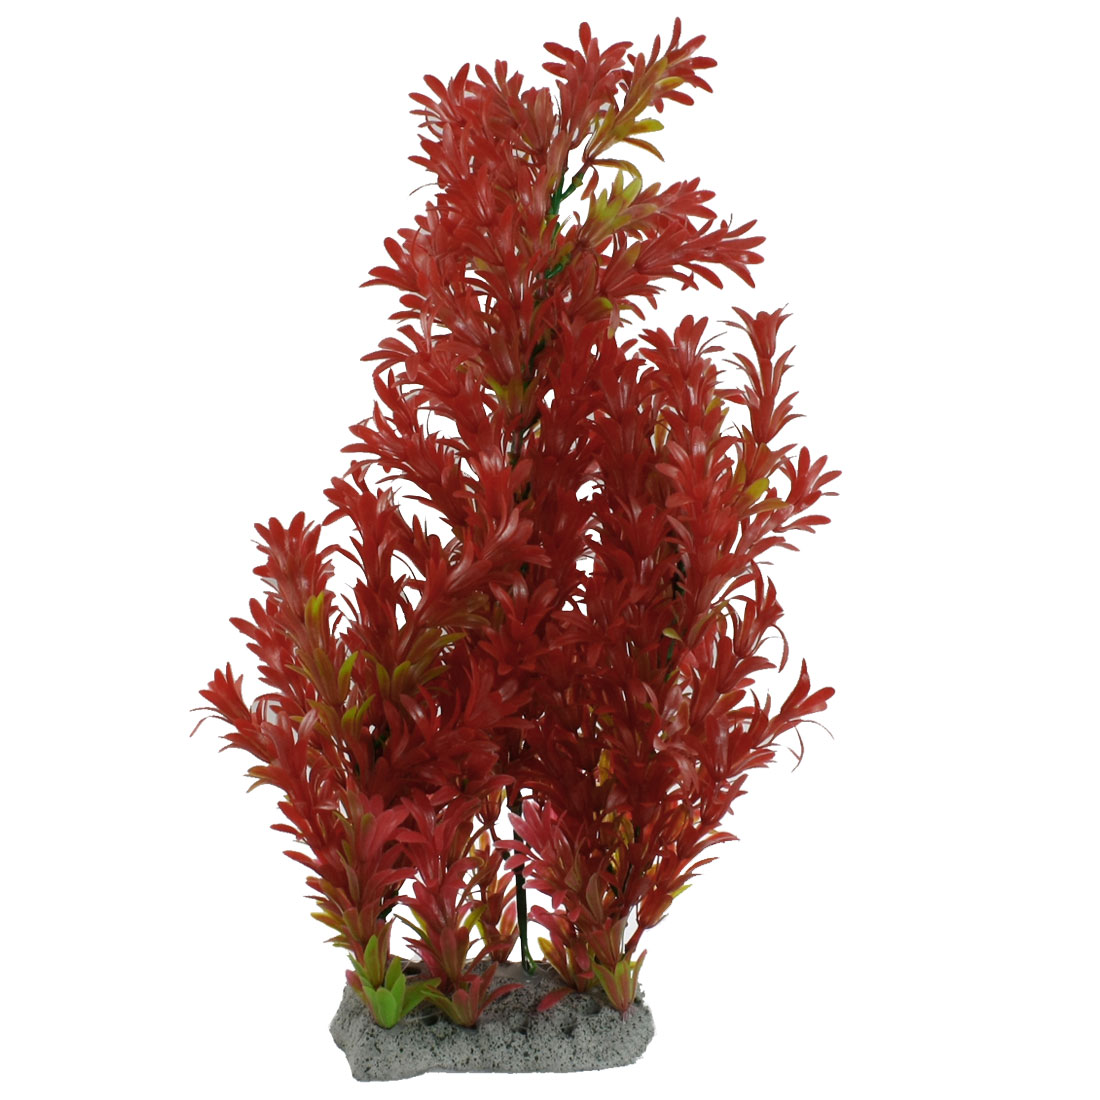 """Ceramic Base Short Leaf Design Red Green Plastic Plants Decor 17.7"""" for Aquarium"""